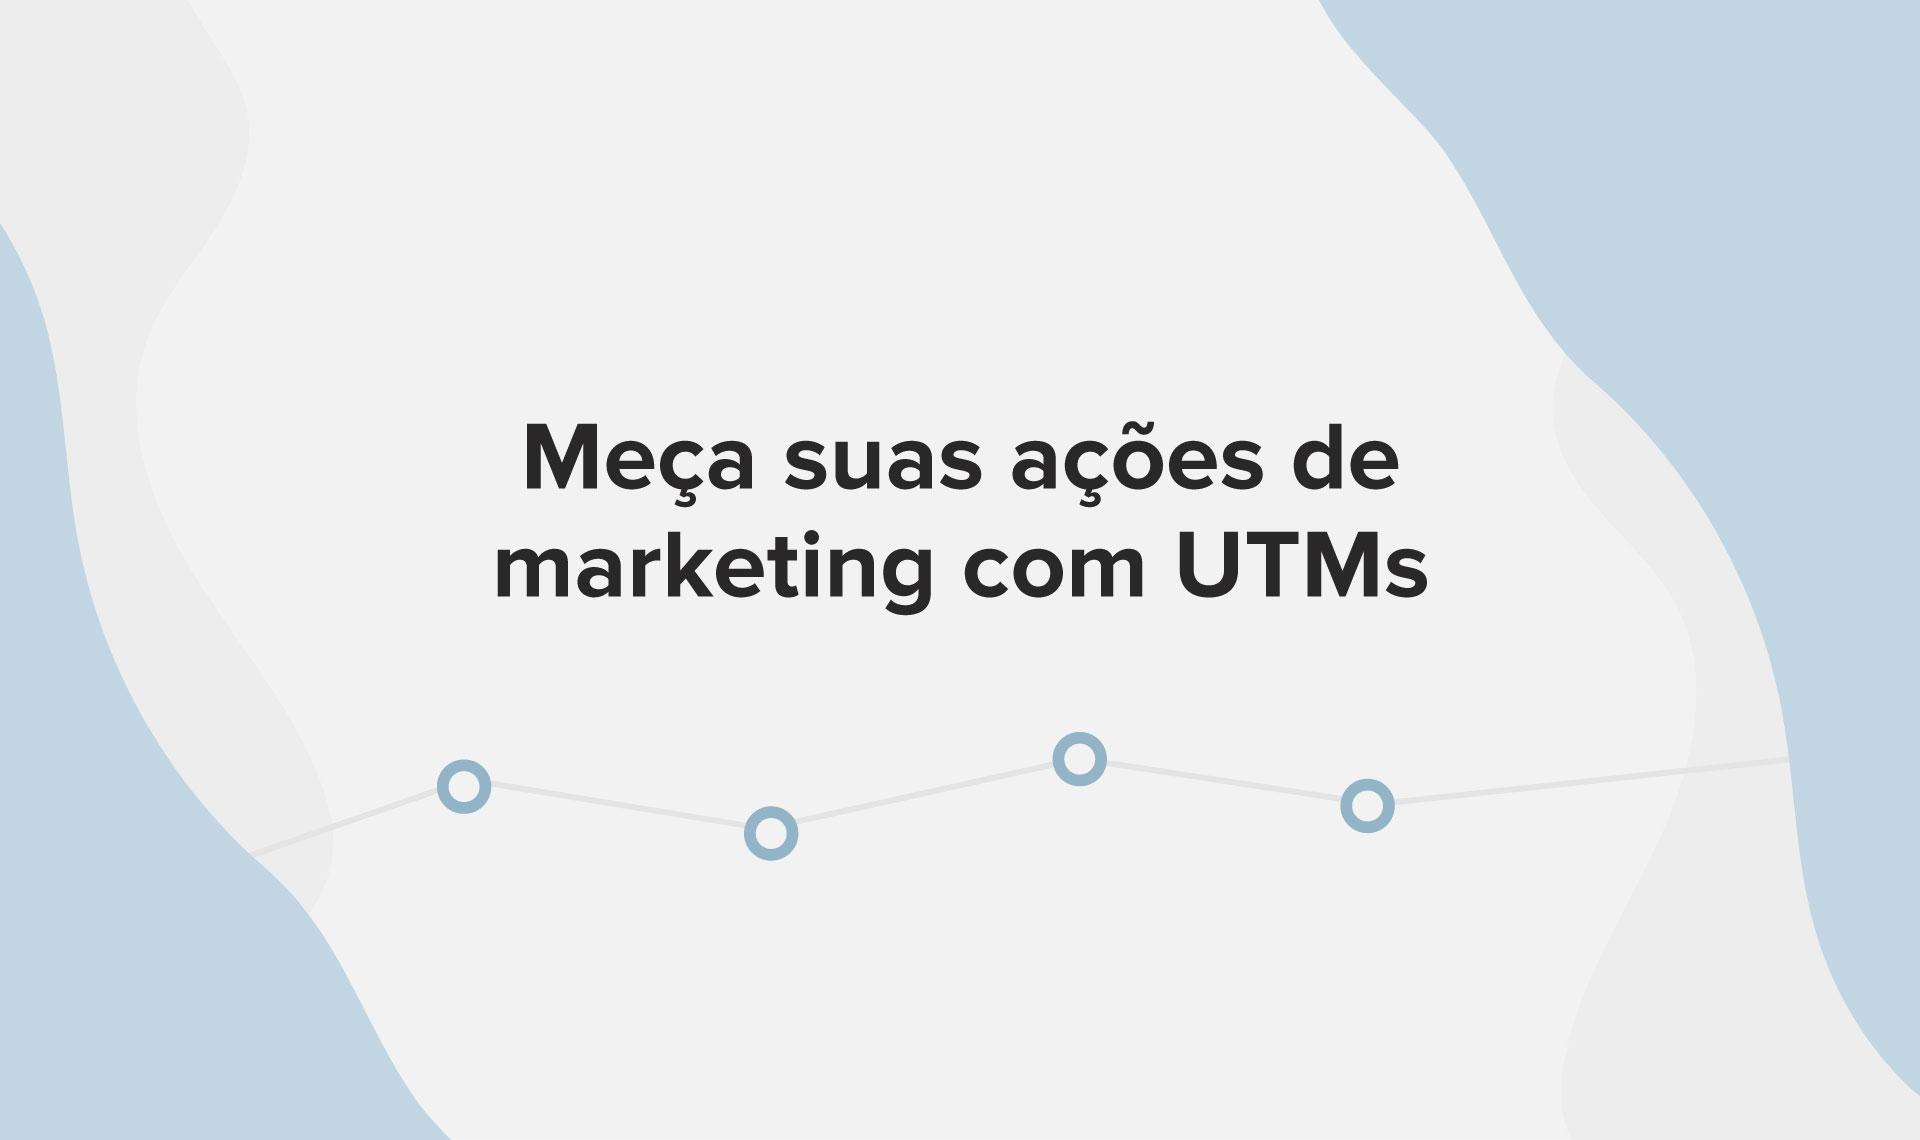 Meça as suas ações de marketing com UTMs